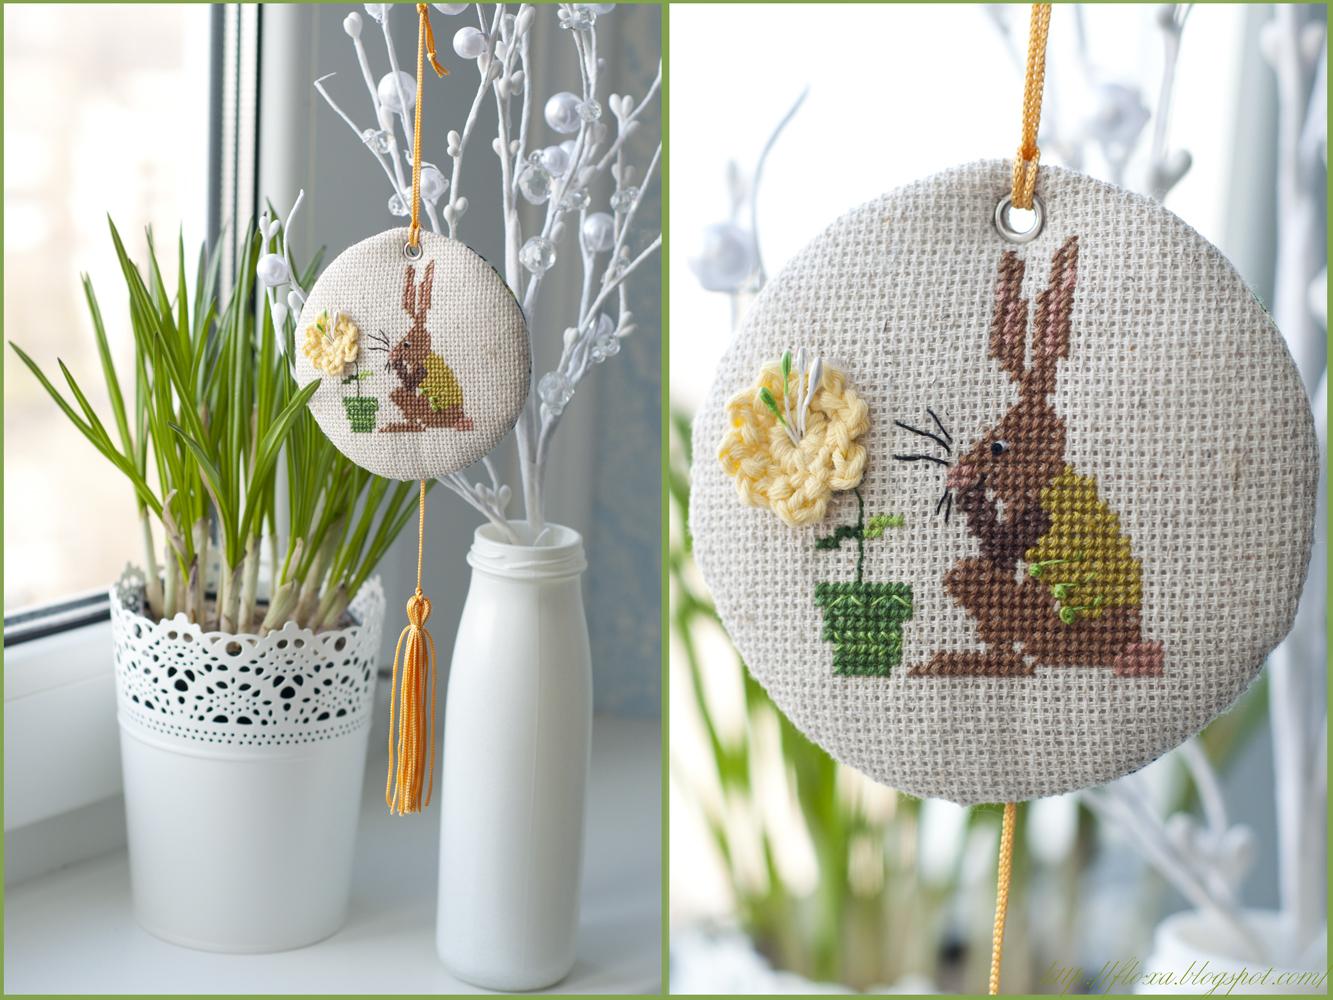 Christiane Dahlbeck, вышивка кролик, вышивка пинкип, весенний пинкип, круглый пинкип, кролик с цветочком